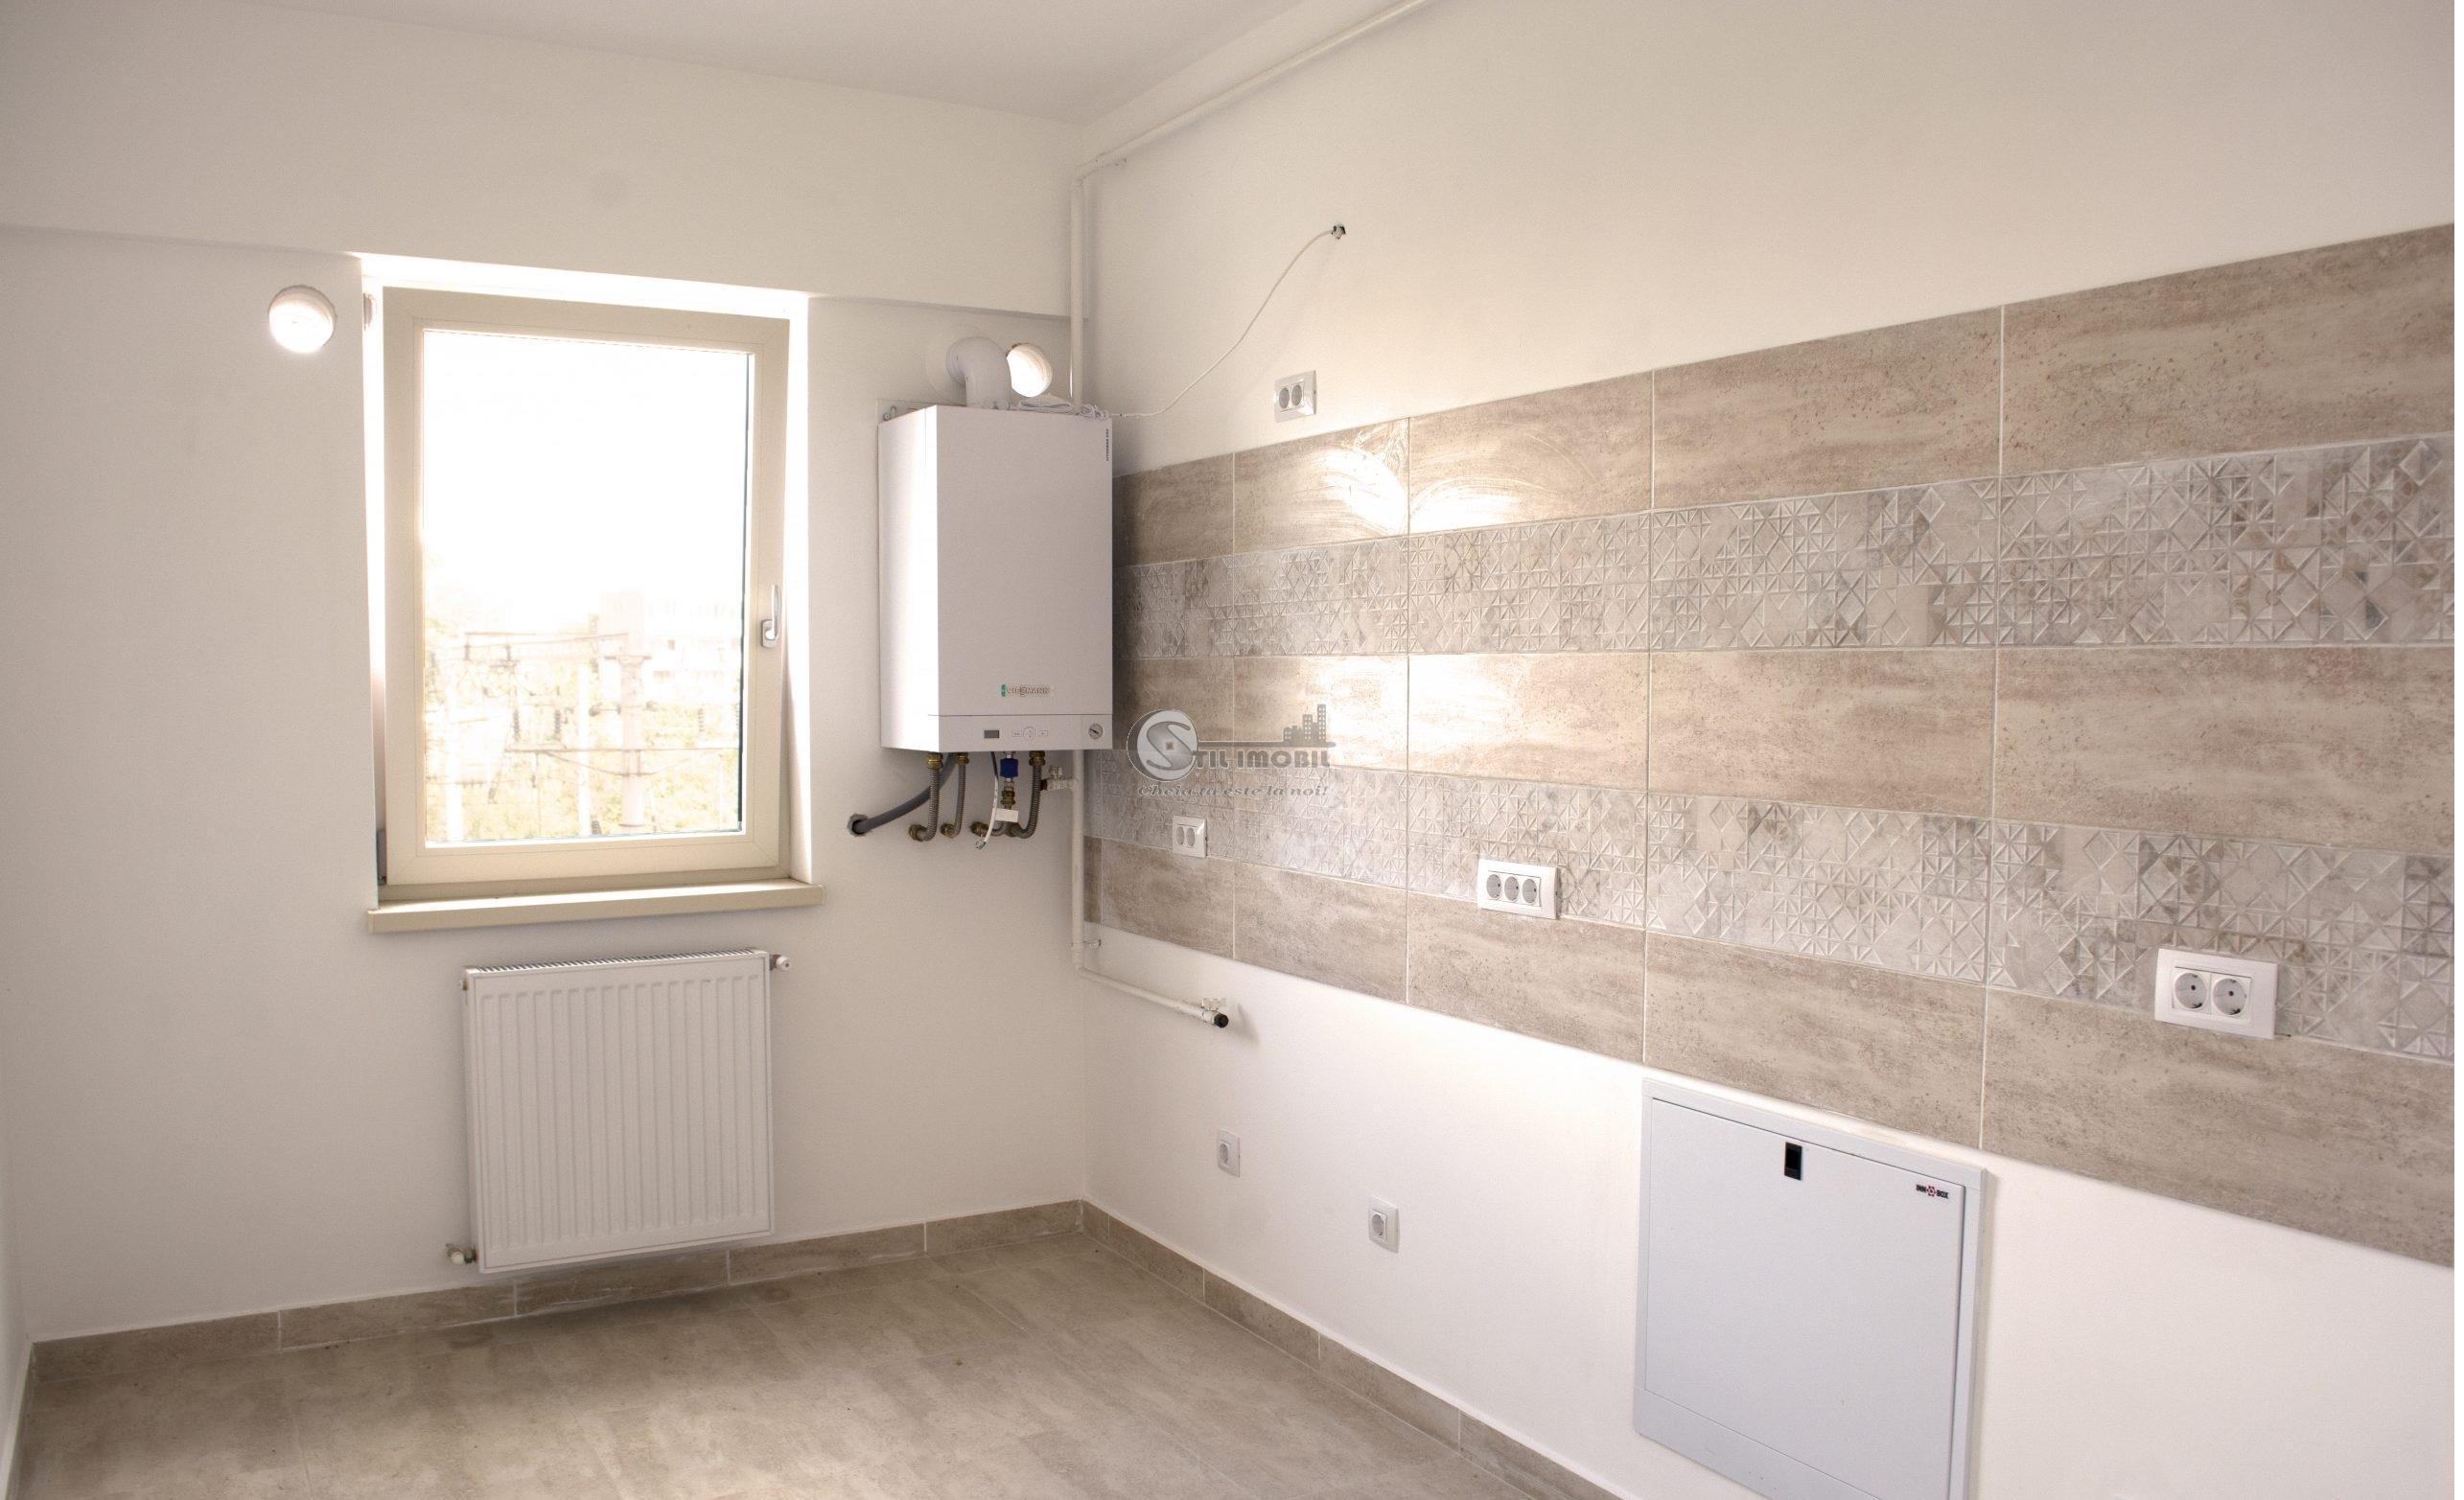 Apartament 1 camera decomandat 45 mp Galata 61000 euro